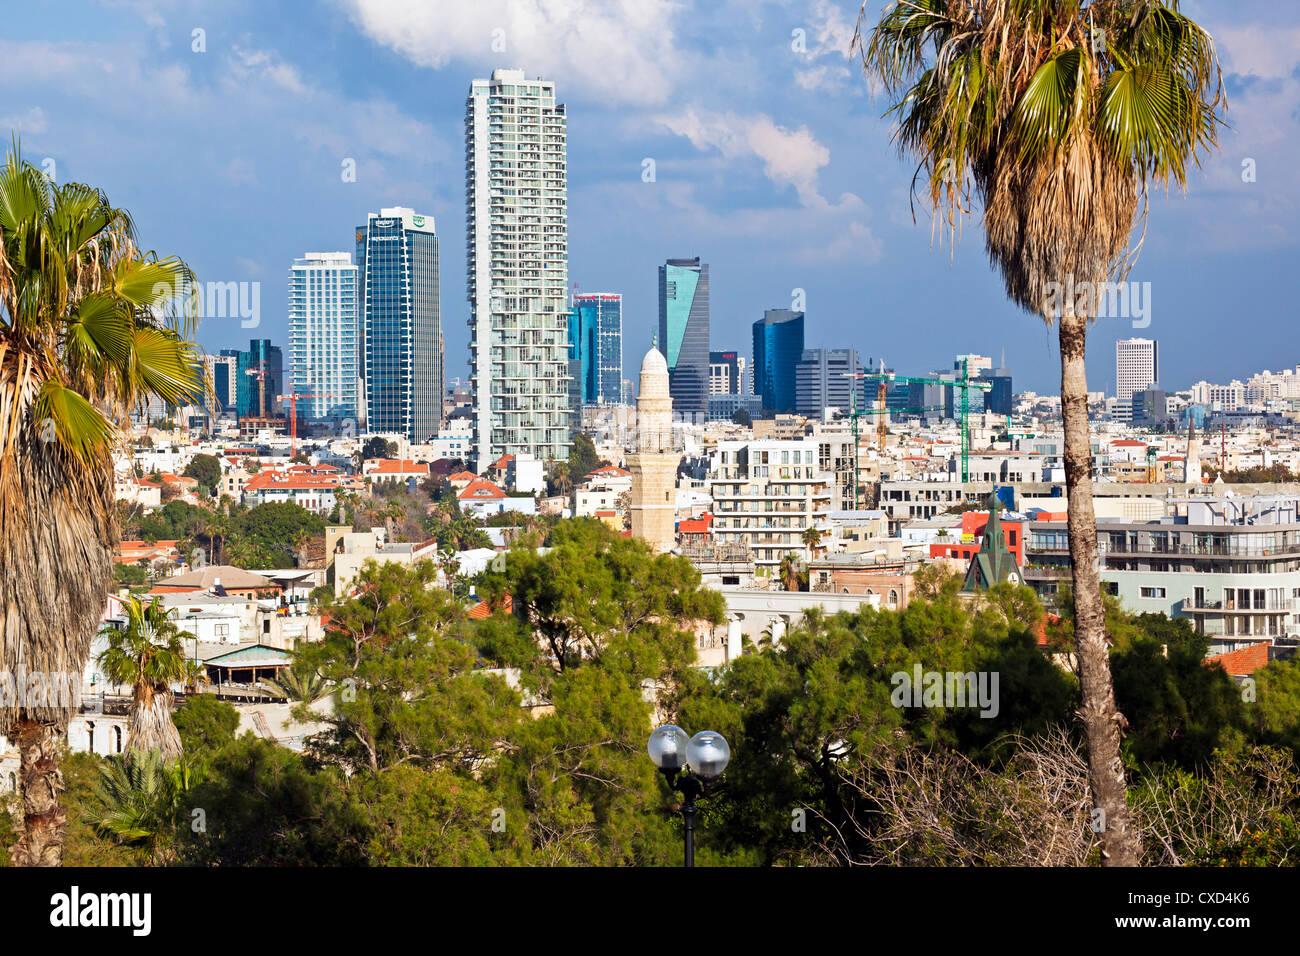 Innenstadt von Gebäuden gesehen von HaPisgah Gärten (The Summit Garden), Jaffa, Tel Aviv, Israel, Nahost Stockfoto